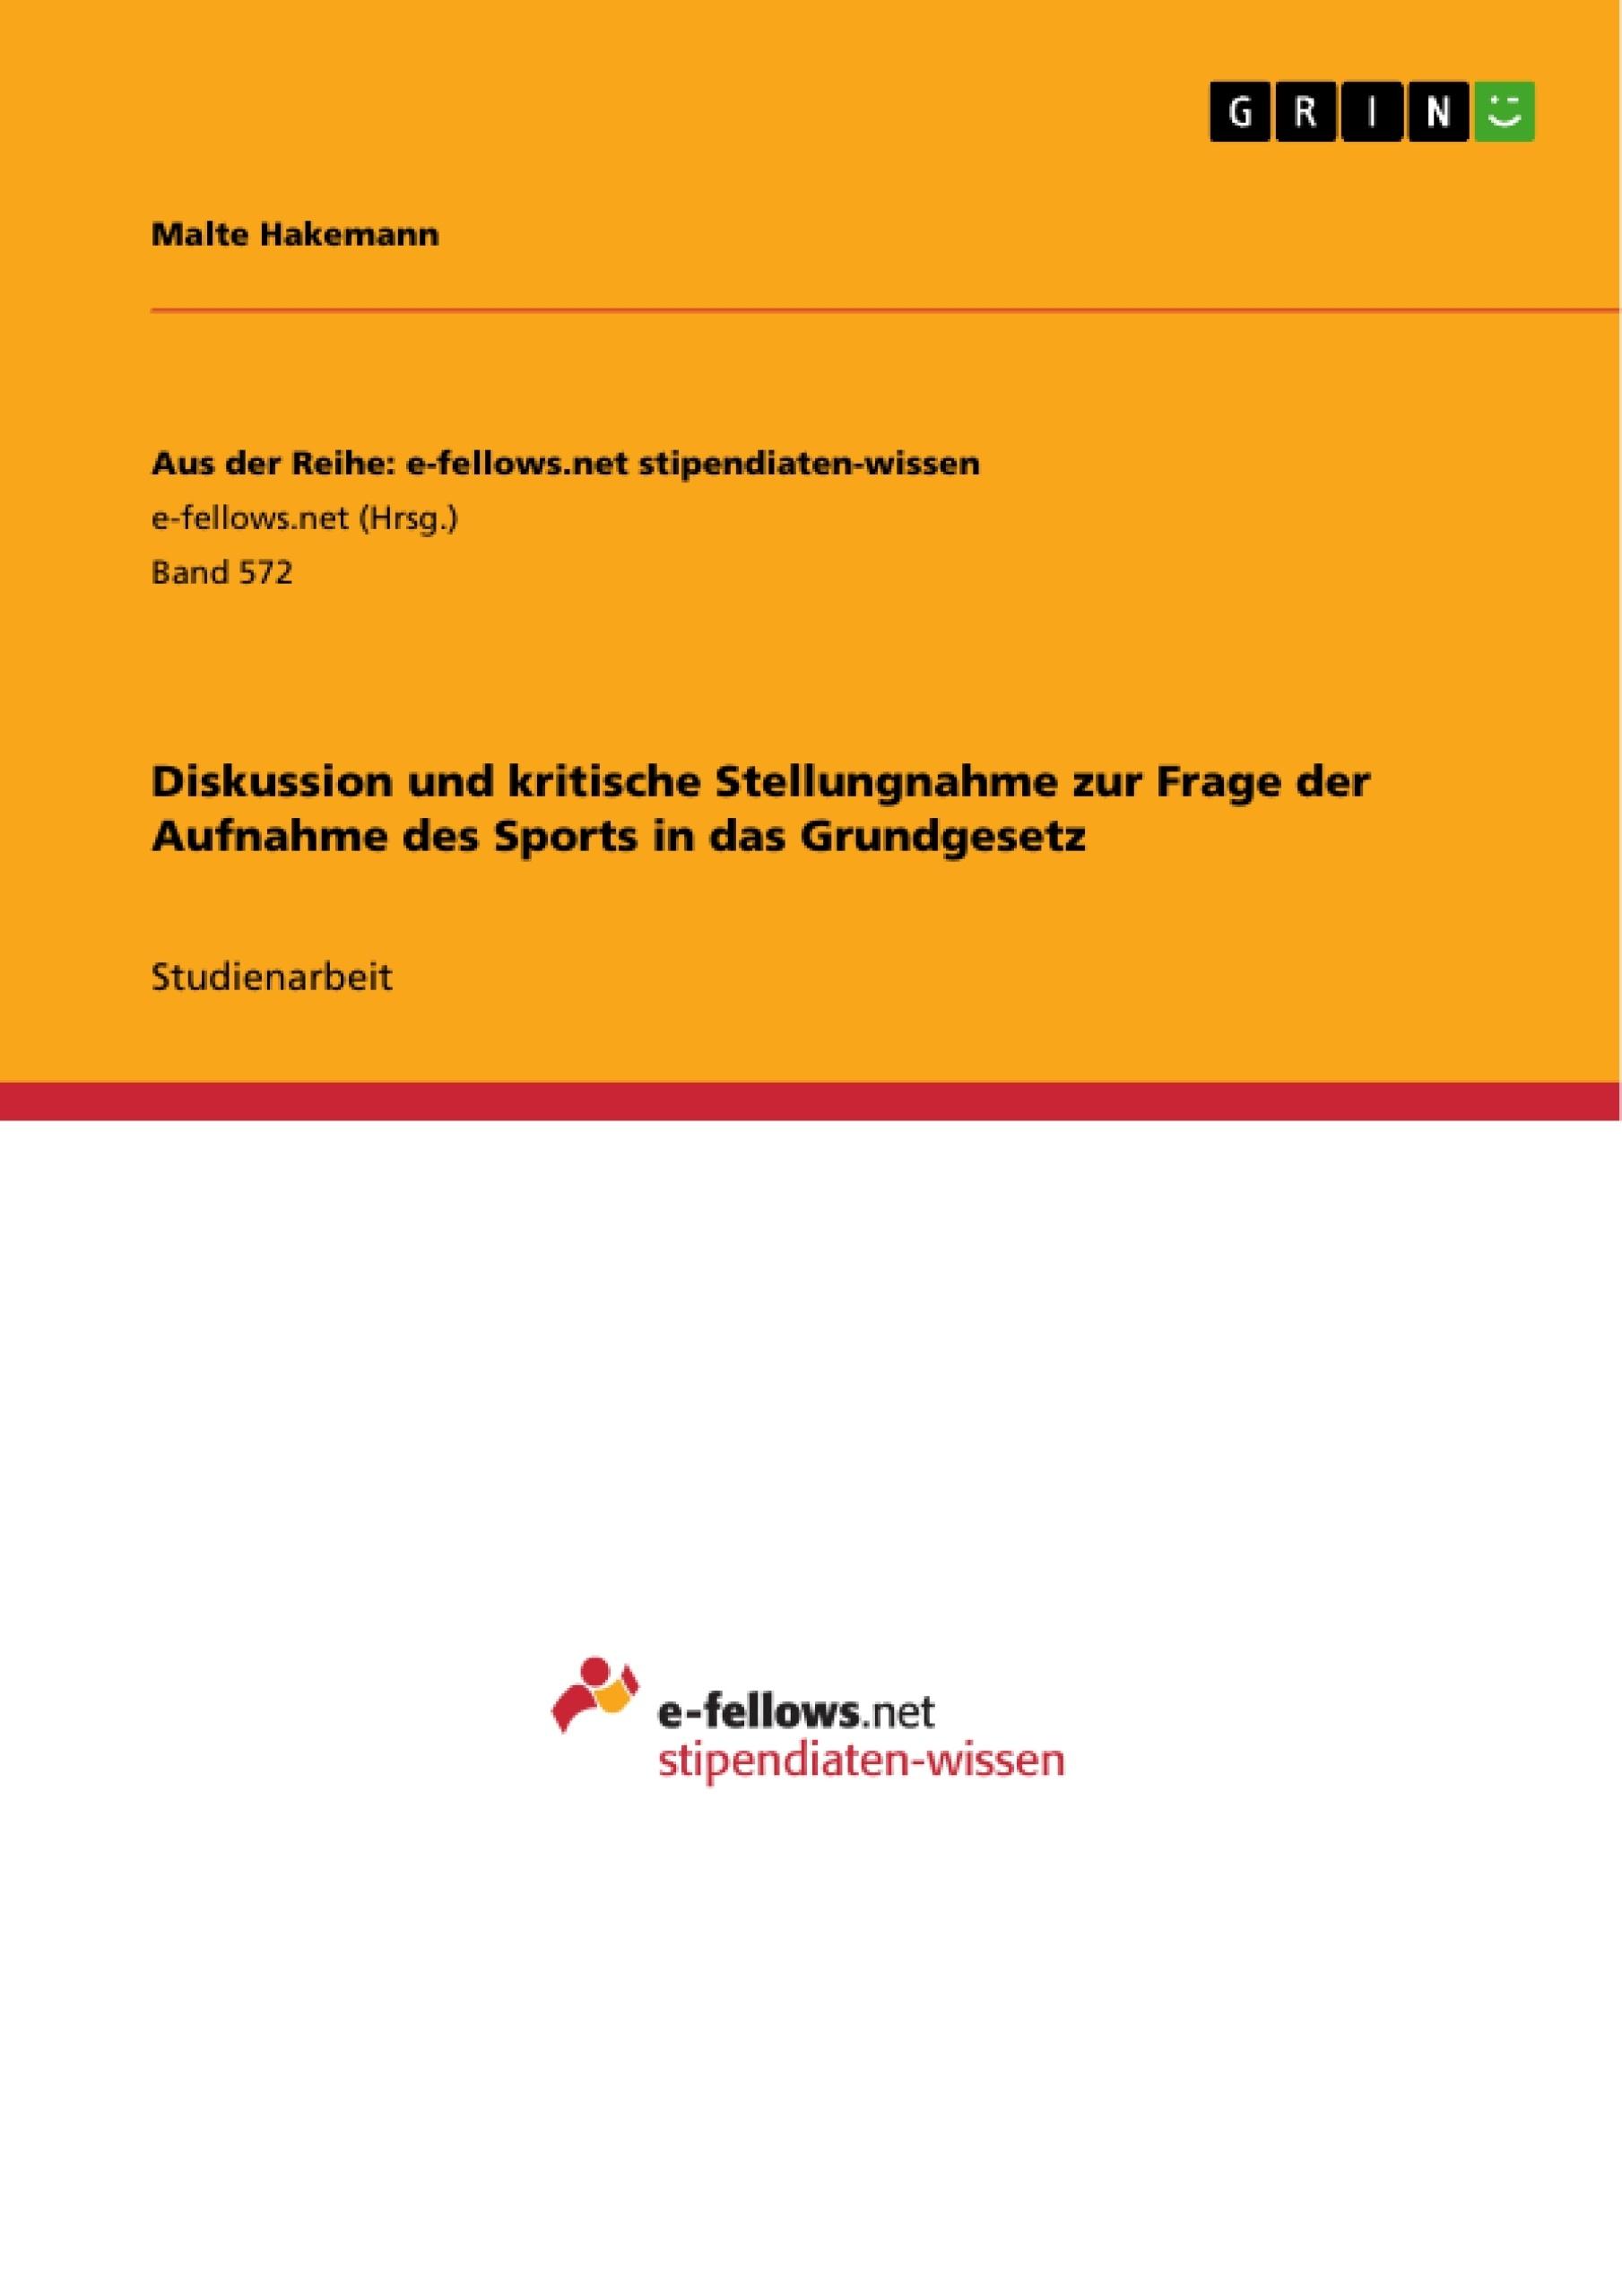 Titel: Diskussion und kritische Stellungnahme zur Frage der Aufnahme des Sports in das Grundgesetz